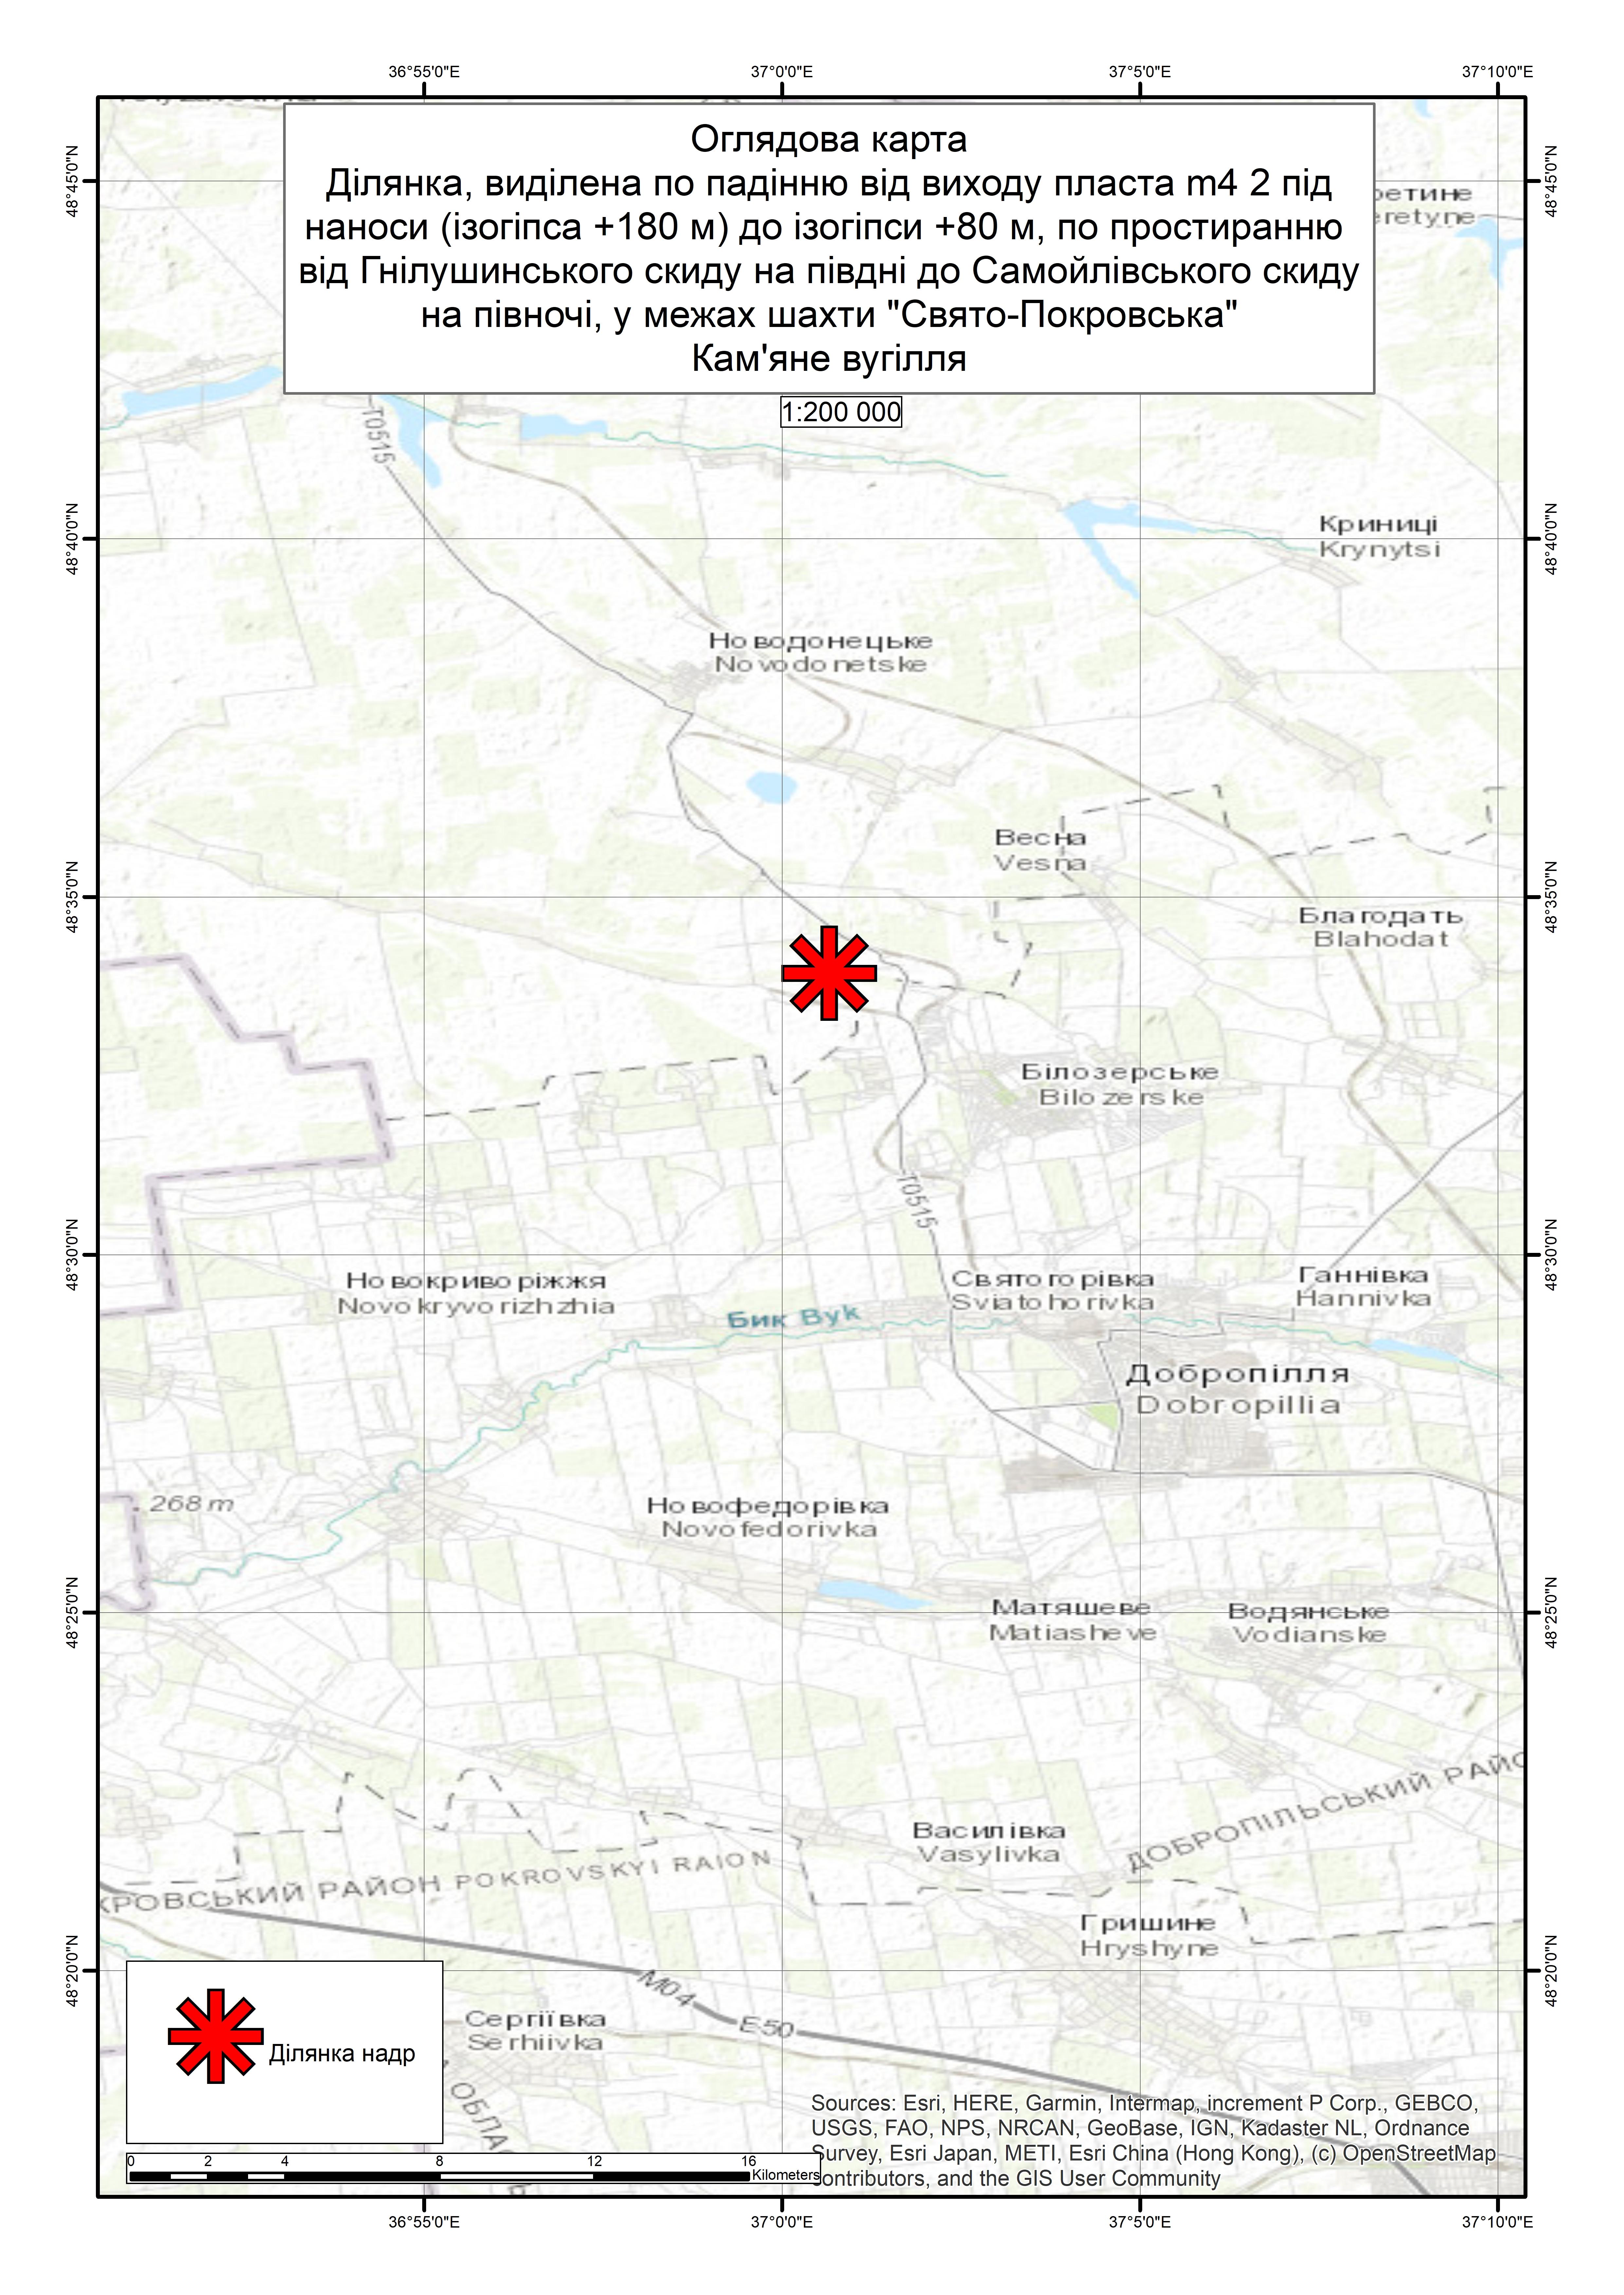 Спеціальний дозвіл на користування надрами – Ділянка, виділена по падінню від виходу пласта m42 під наноси (ізогіпса +180 м) до ізогіпси + 80 м, по простяганню від Гнілушинського скиду на півдні до Самойлівського скиду на півночі, в межах шахти «Свято-Покровська». Вартість геологічної інформації – 156 435,29 грн (з ПДВ). Вартість пакету аукціонної документації – 4 500 грн (з ПДВ).